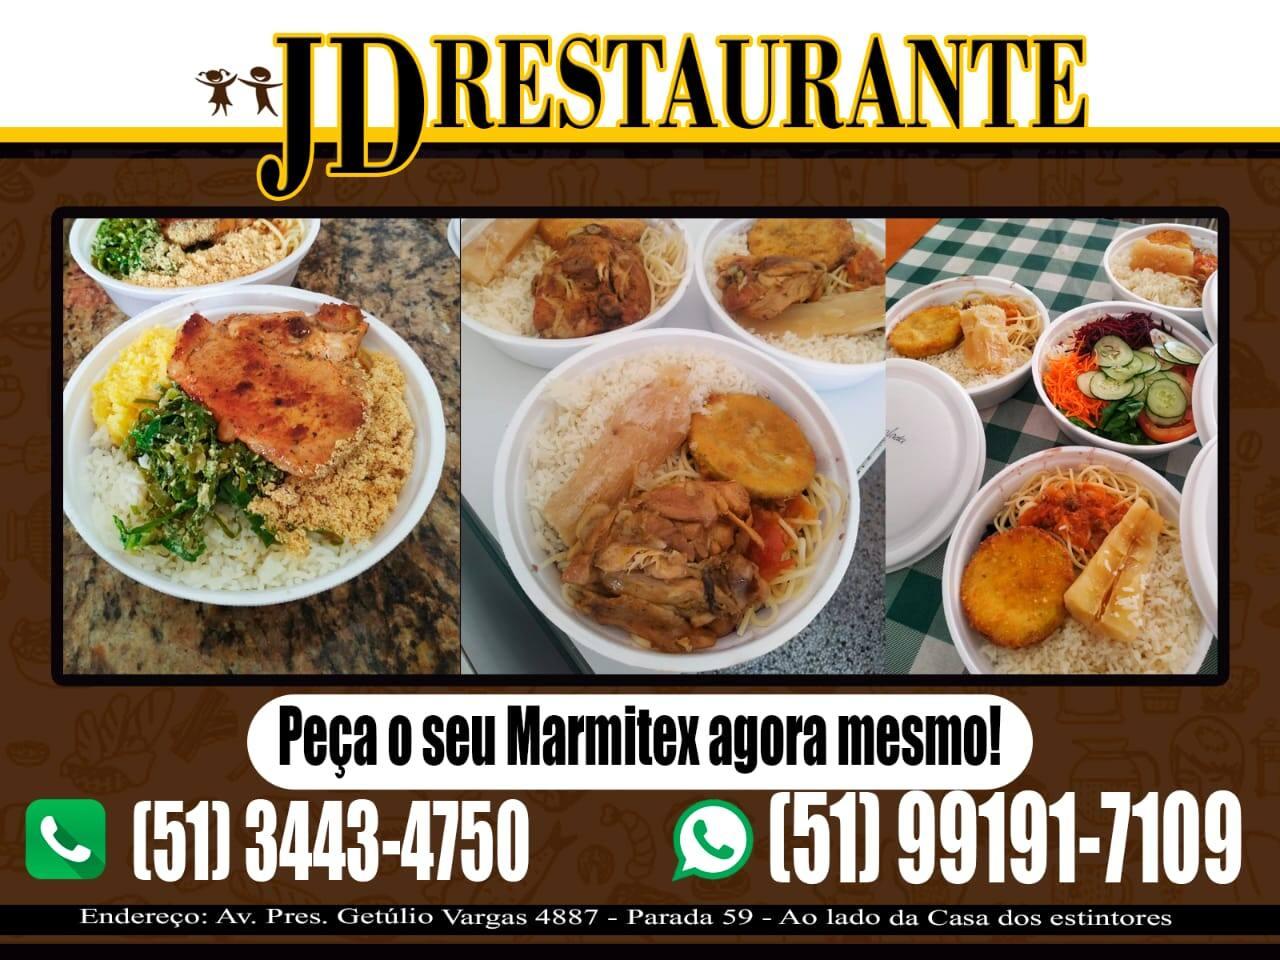 JD Restaurante